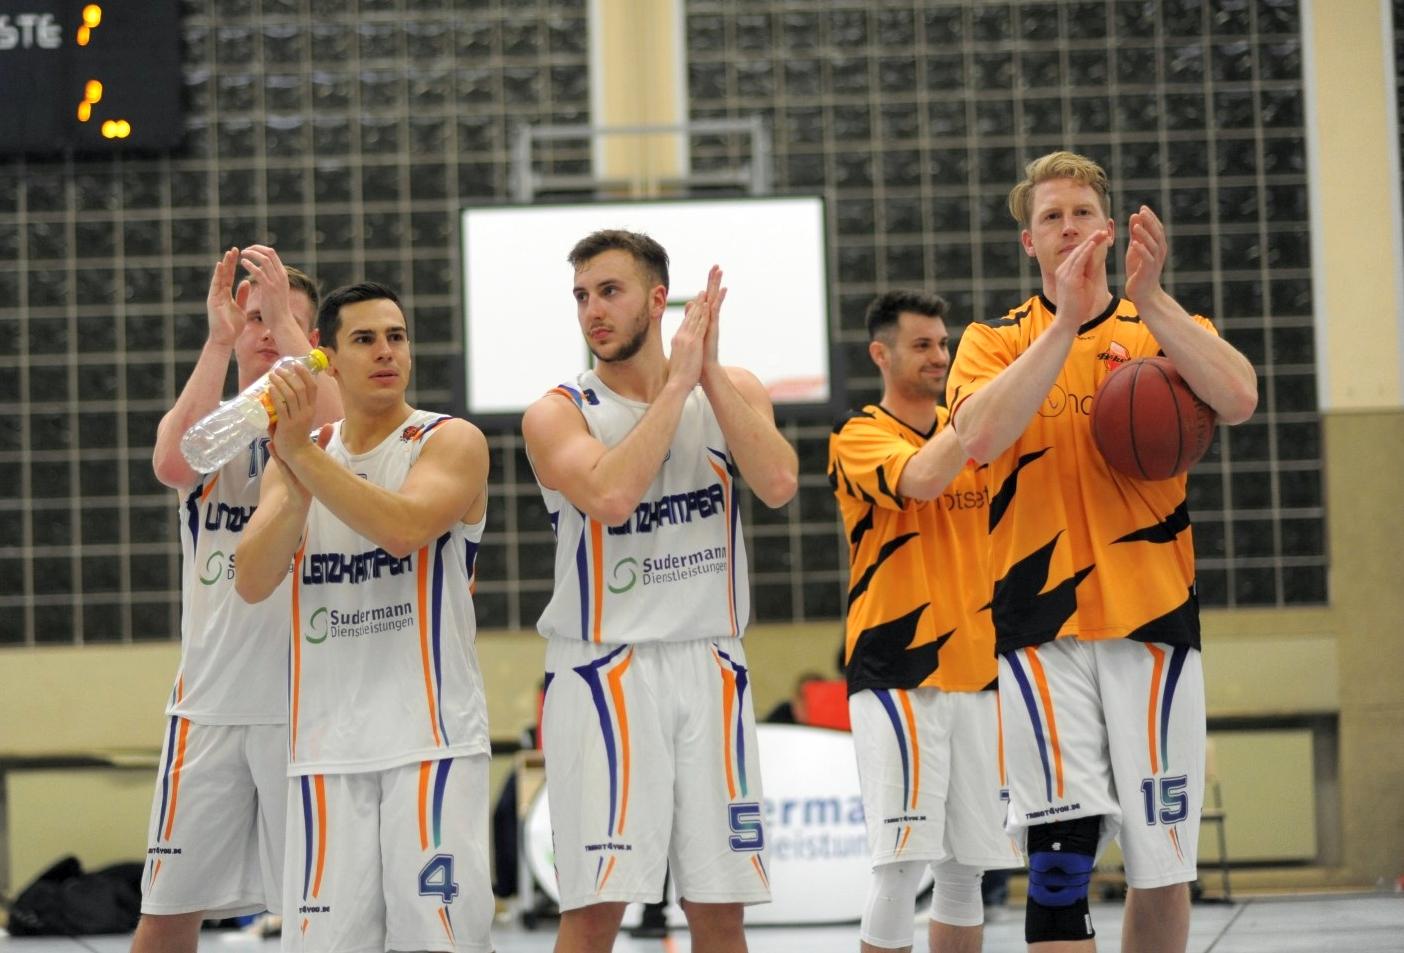 Herren-Oberliga: Starker Auftritt gegen den Tabellenzweiten